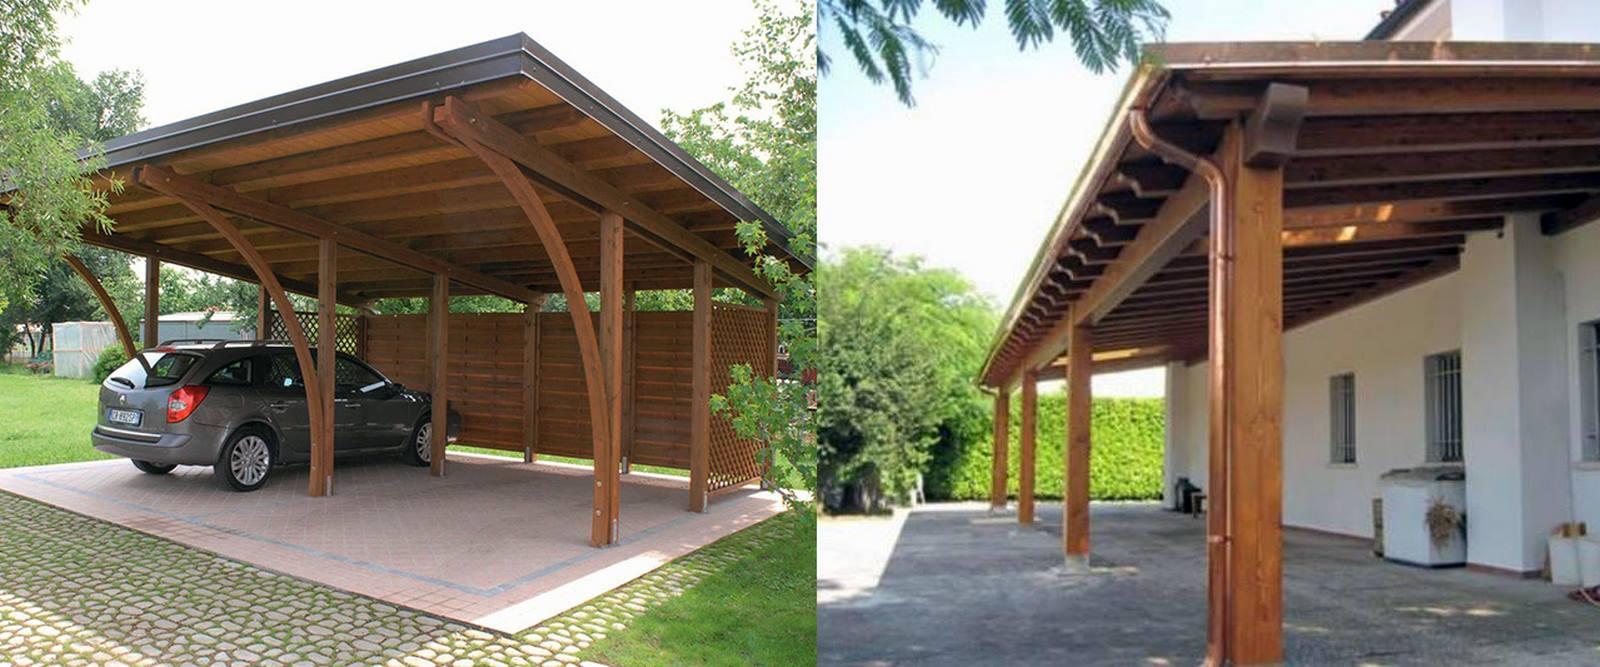 Pavimentazione giardino in legno